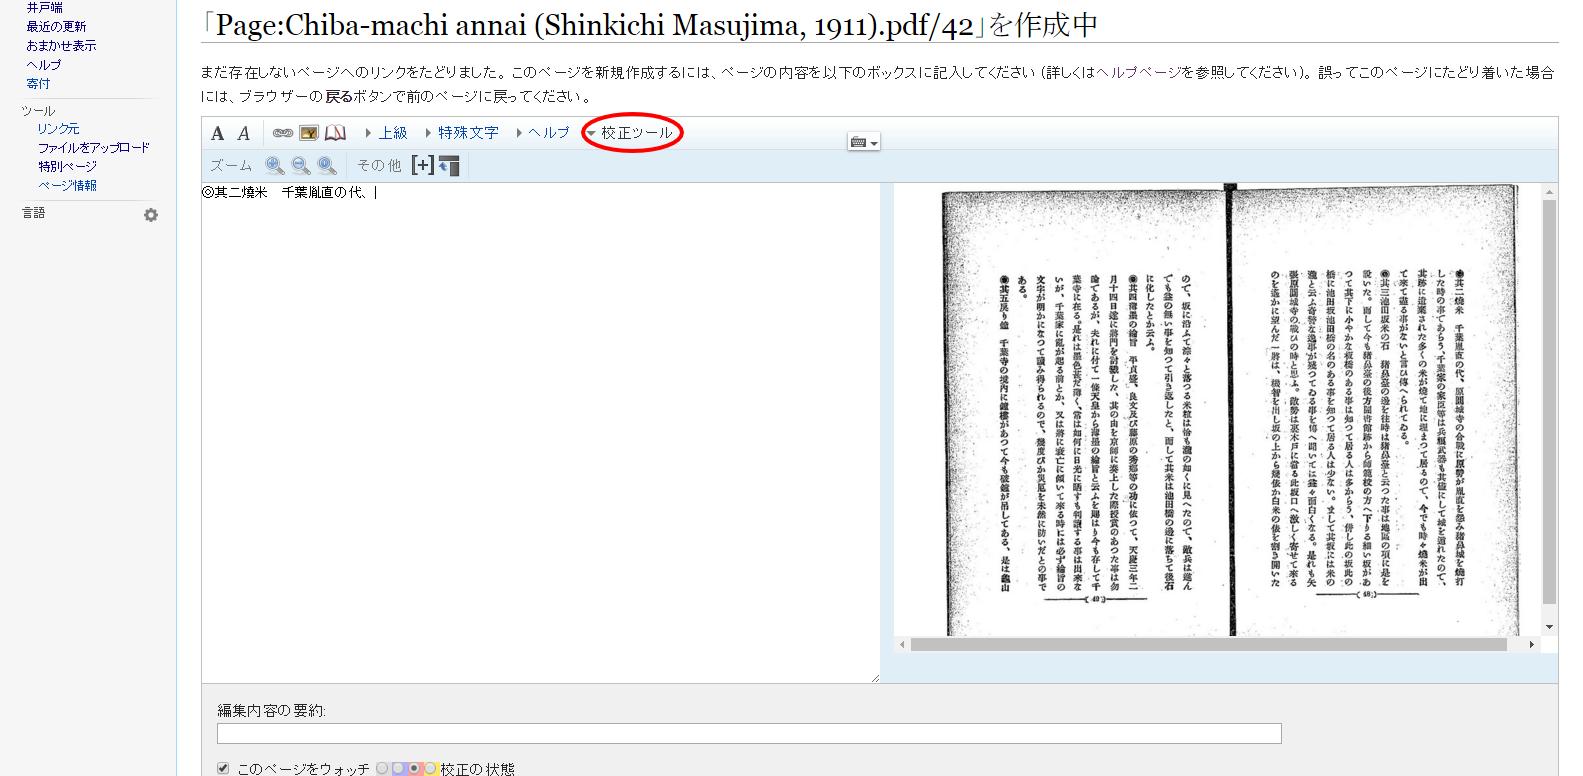 「Page Chiba machi annai  Shinkichi Masujima  1911 .pdf 42」を作成中   Wikisource.png